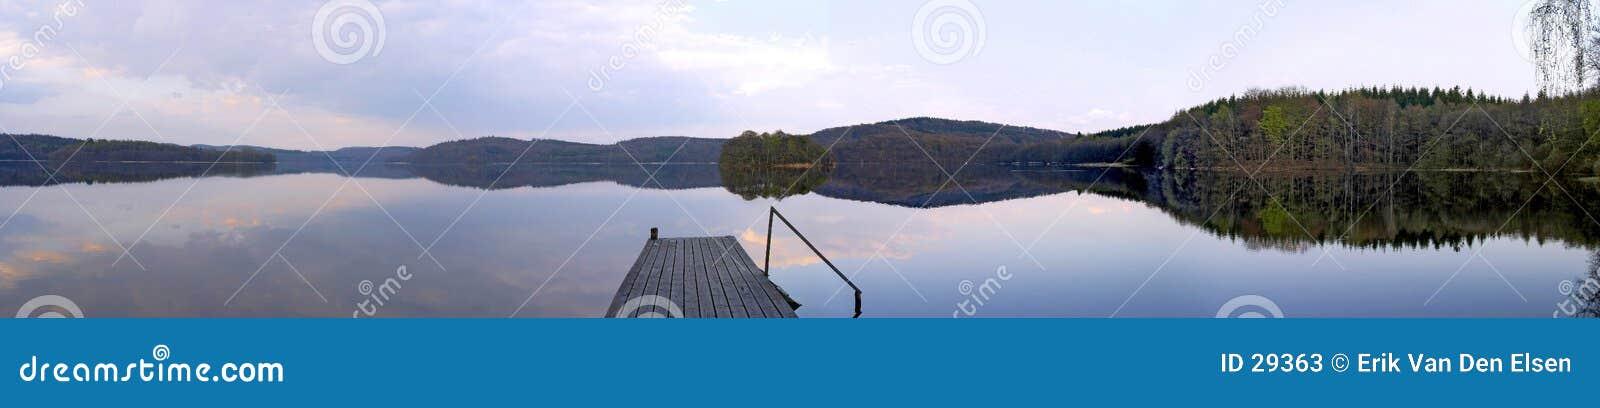 Download Sweden Seepanorama stockbild. Bild von rest, schweden, wolken - 29363